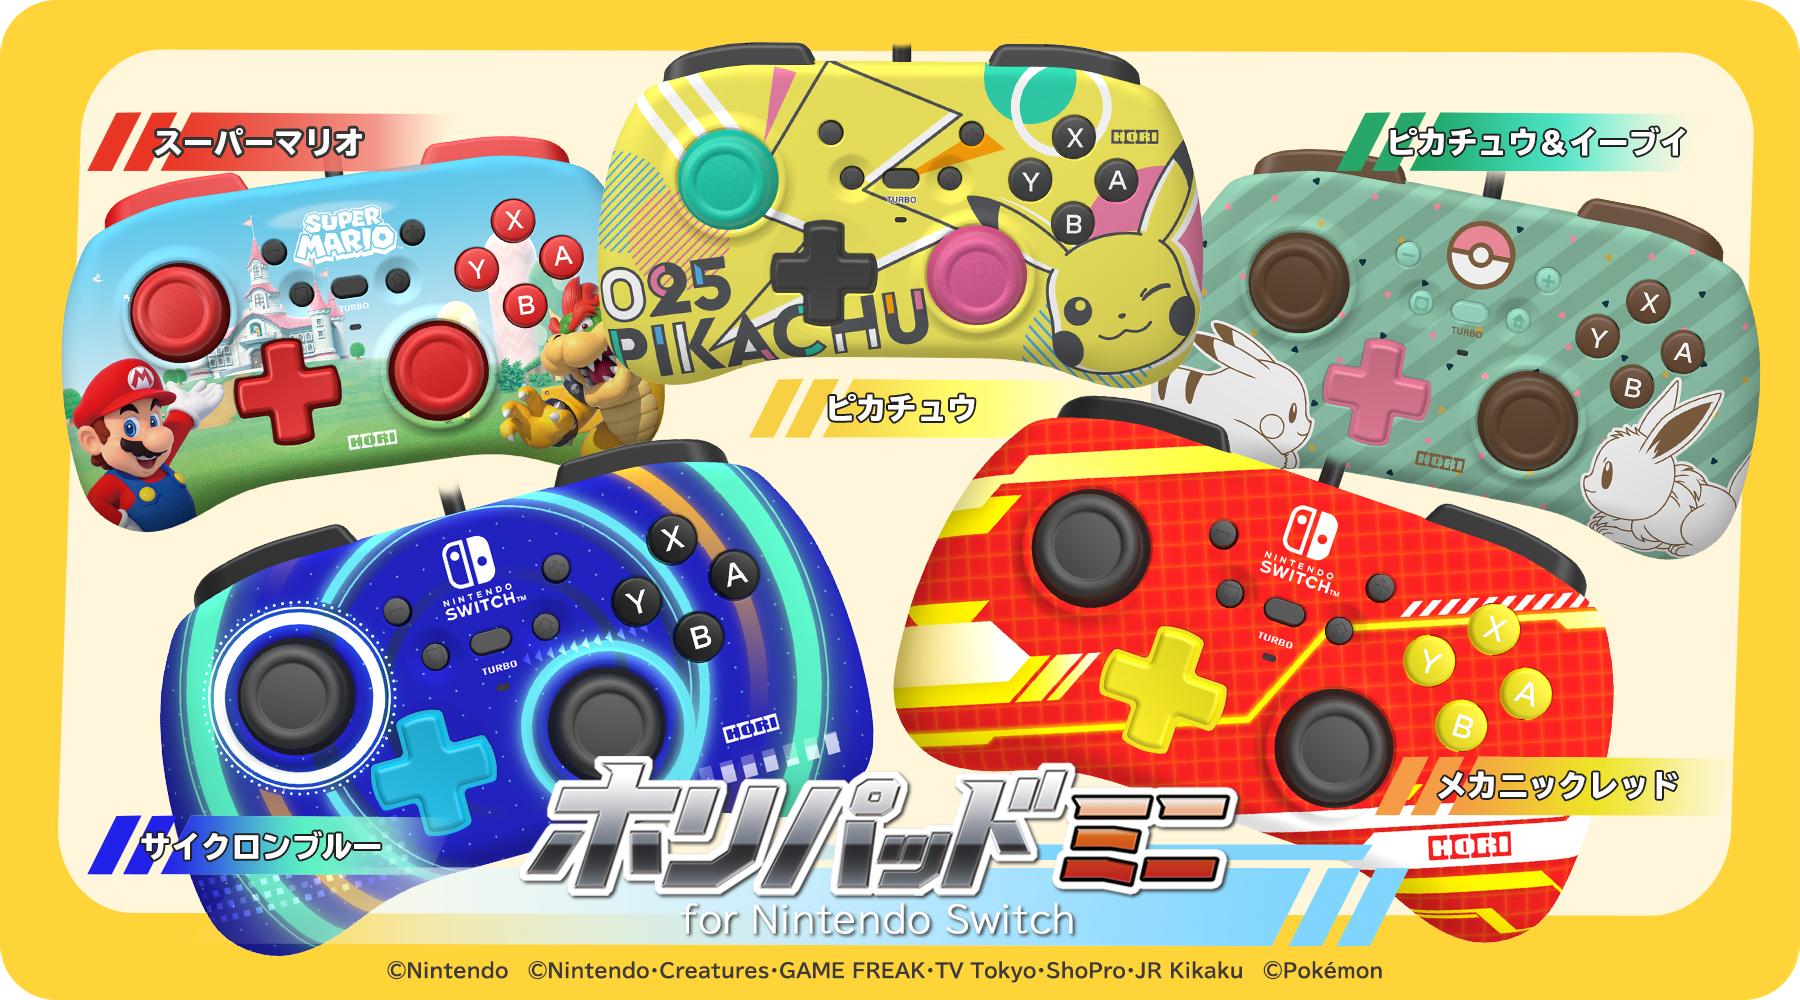 「ホリパッド ミニ for Nintendo Switch」シリーズが2020年7月に発売!